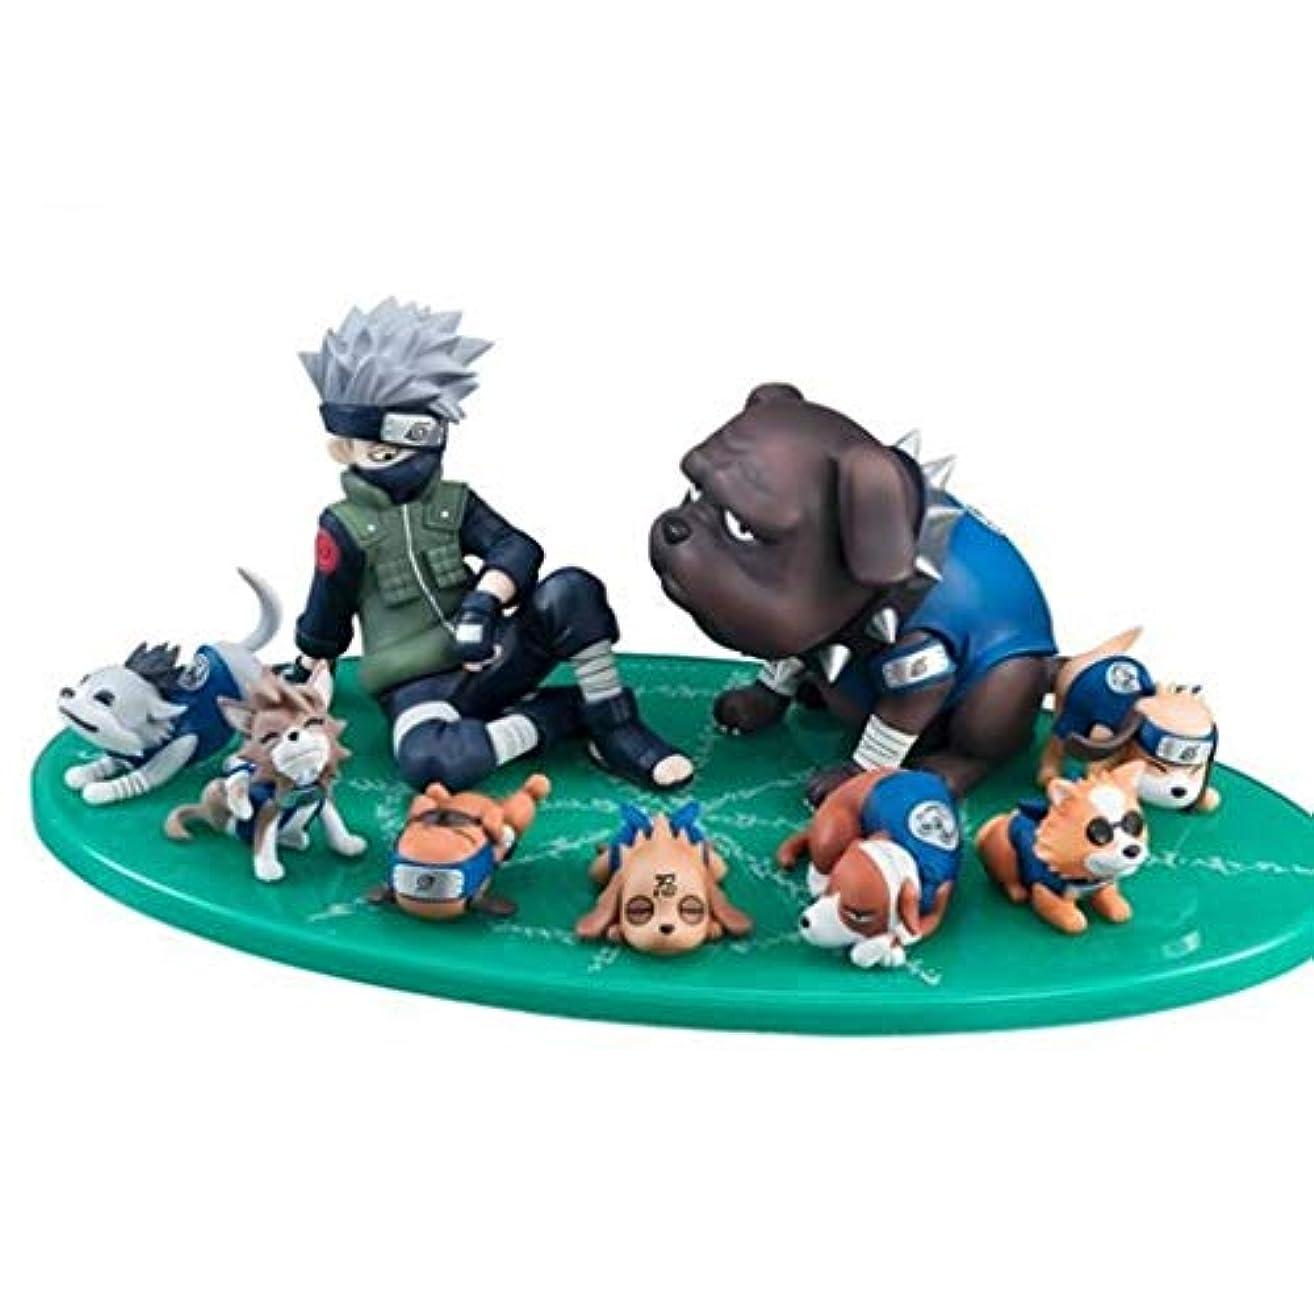 パノラマレイアコーチカカシと子犬、フィギュア玩具コレクション像漫画のキャラクター、アニメナルトモデル、アニメ装飾キャラクター彫刻(9cm) SHWSM